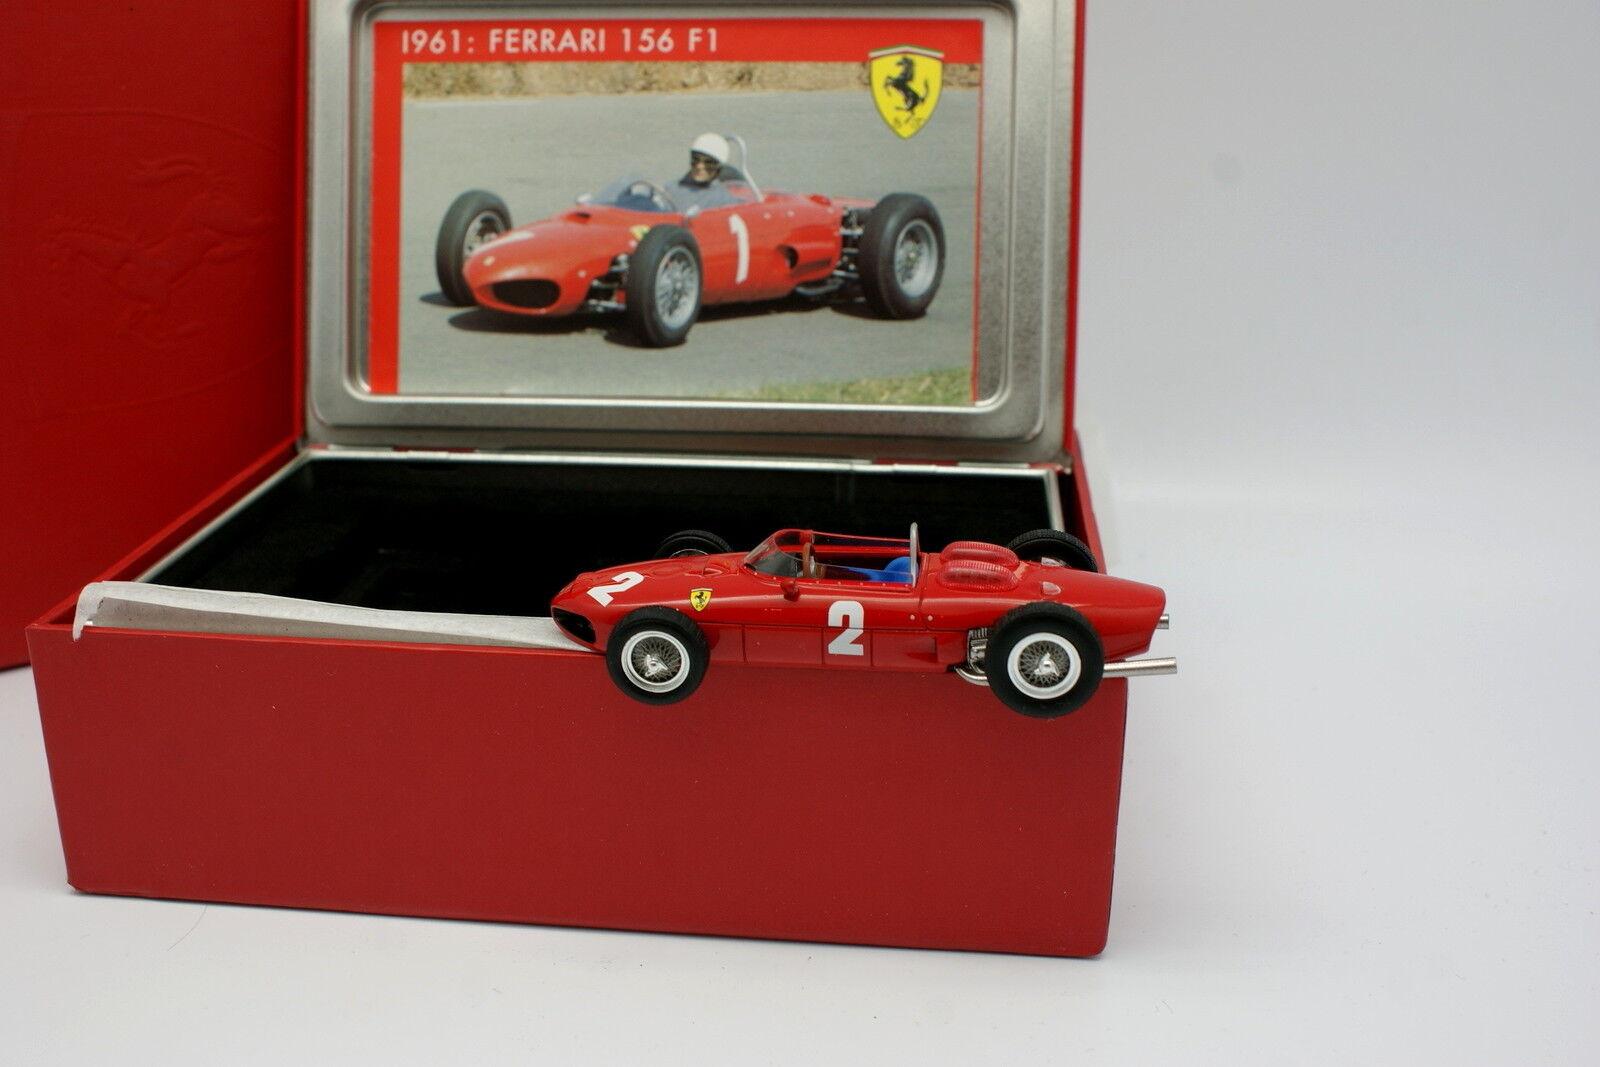 Hot wheels la storia ferrari f1 1 43 - 156 1961